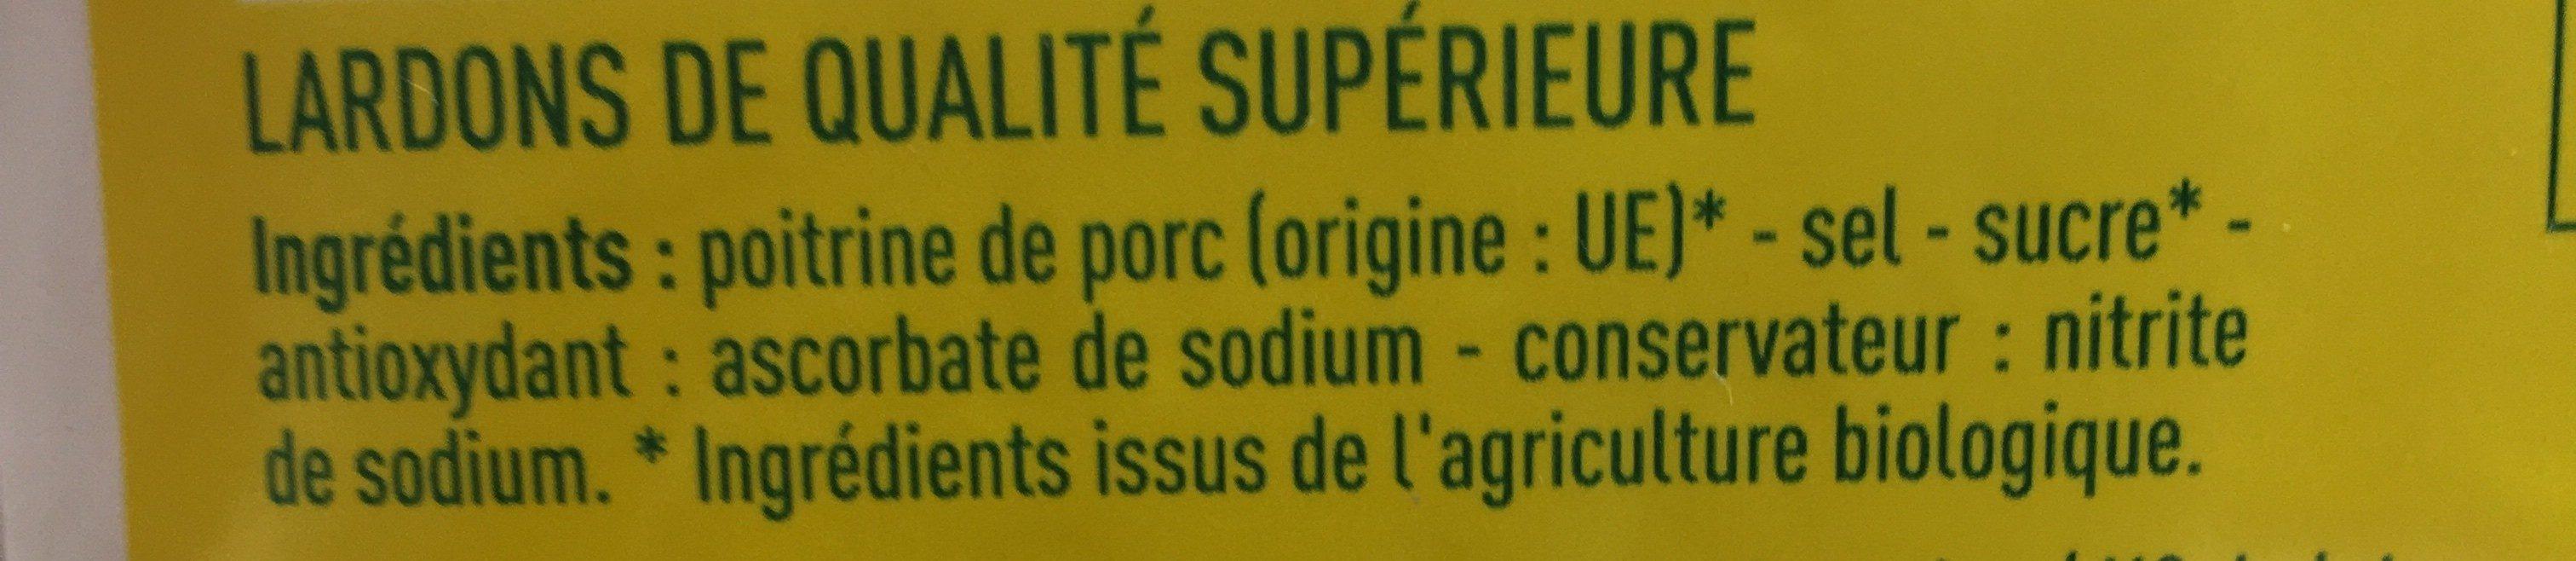 Lardons nature - Ingrediënten - fr